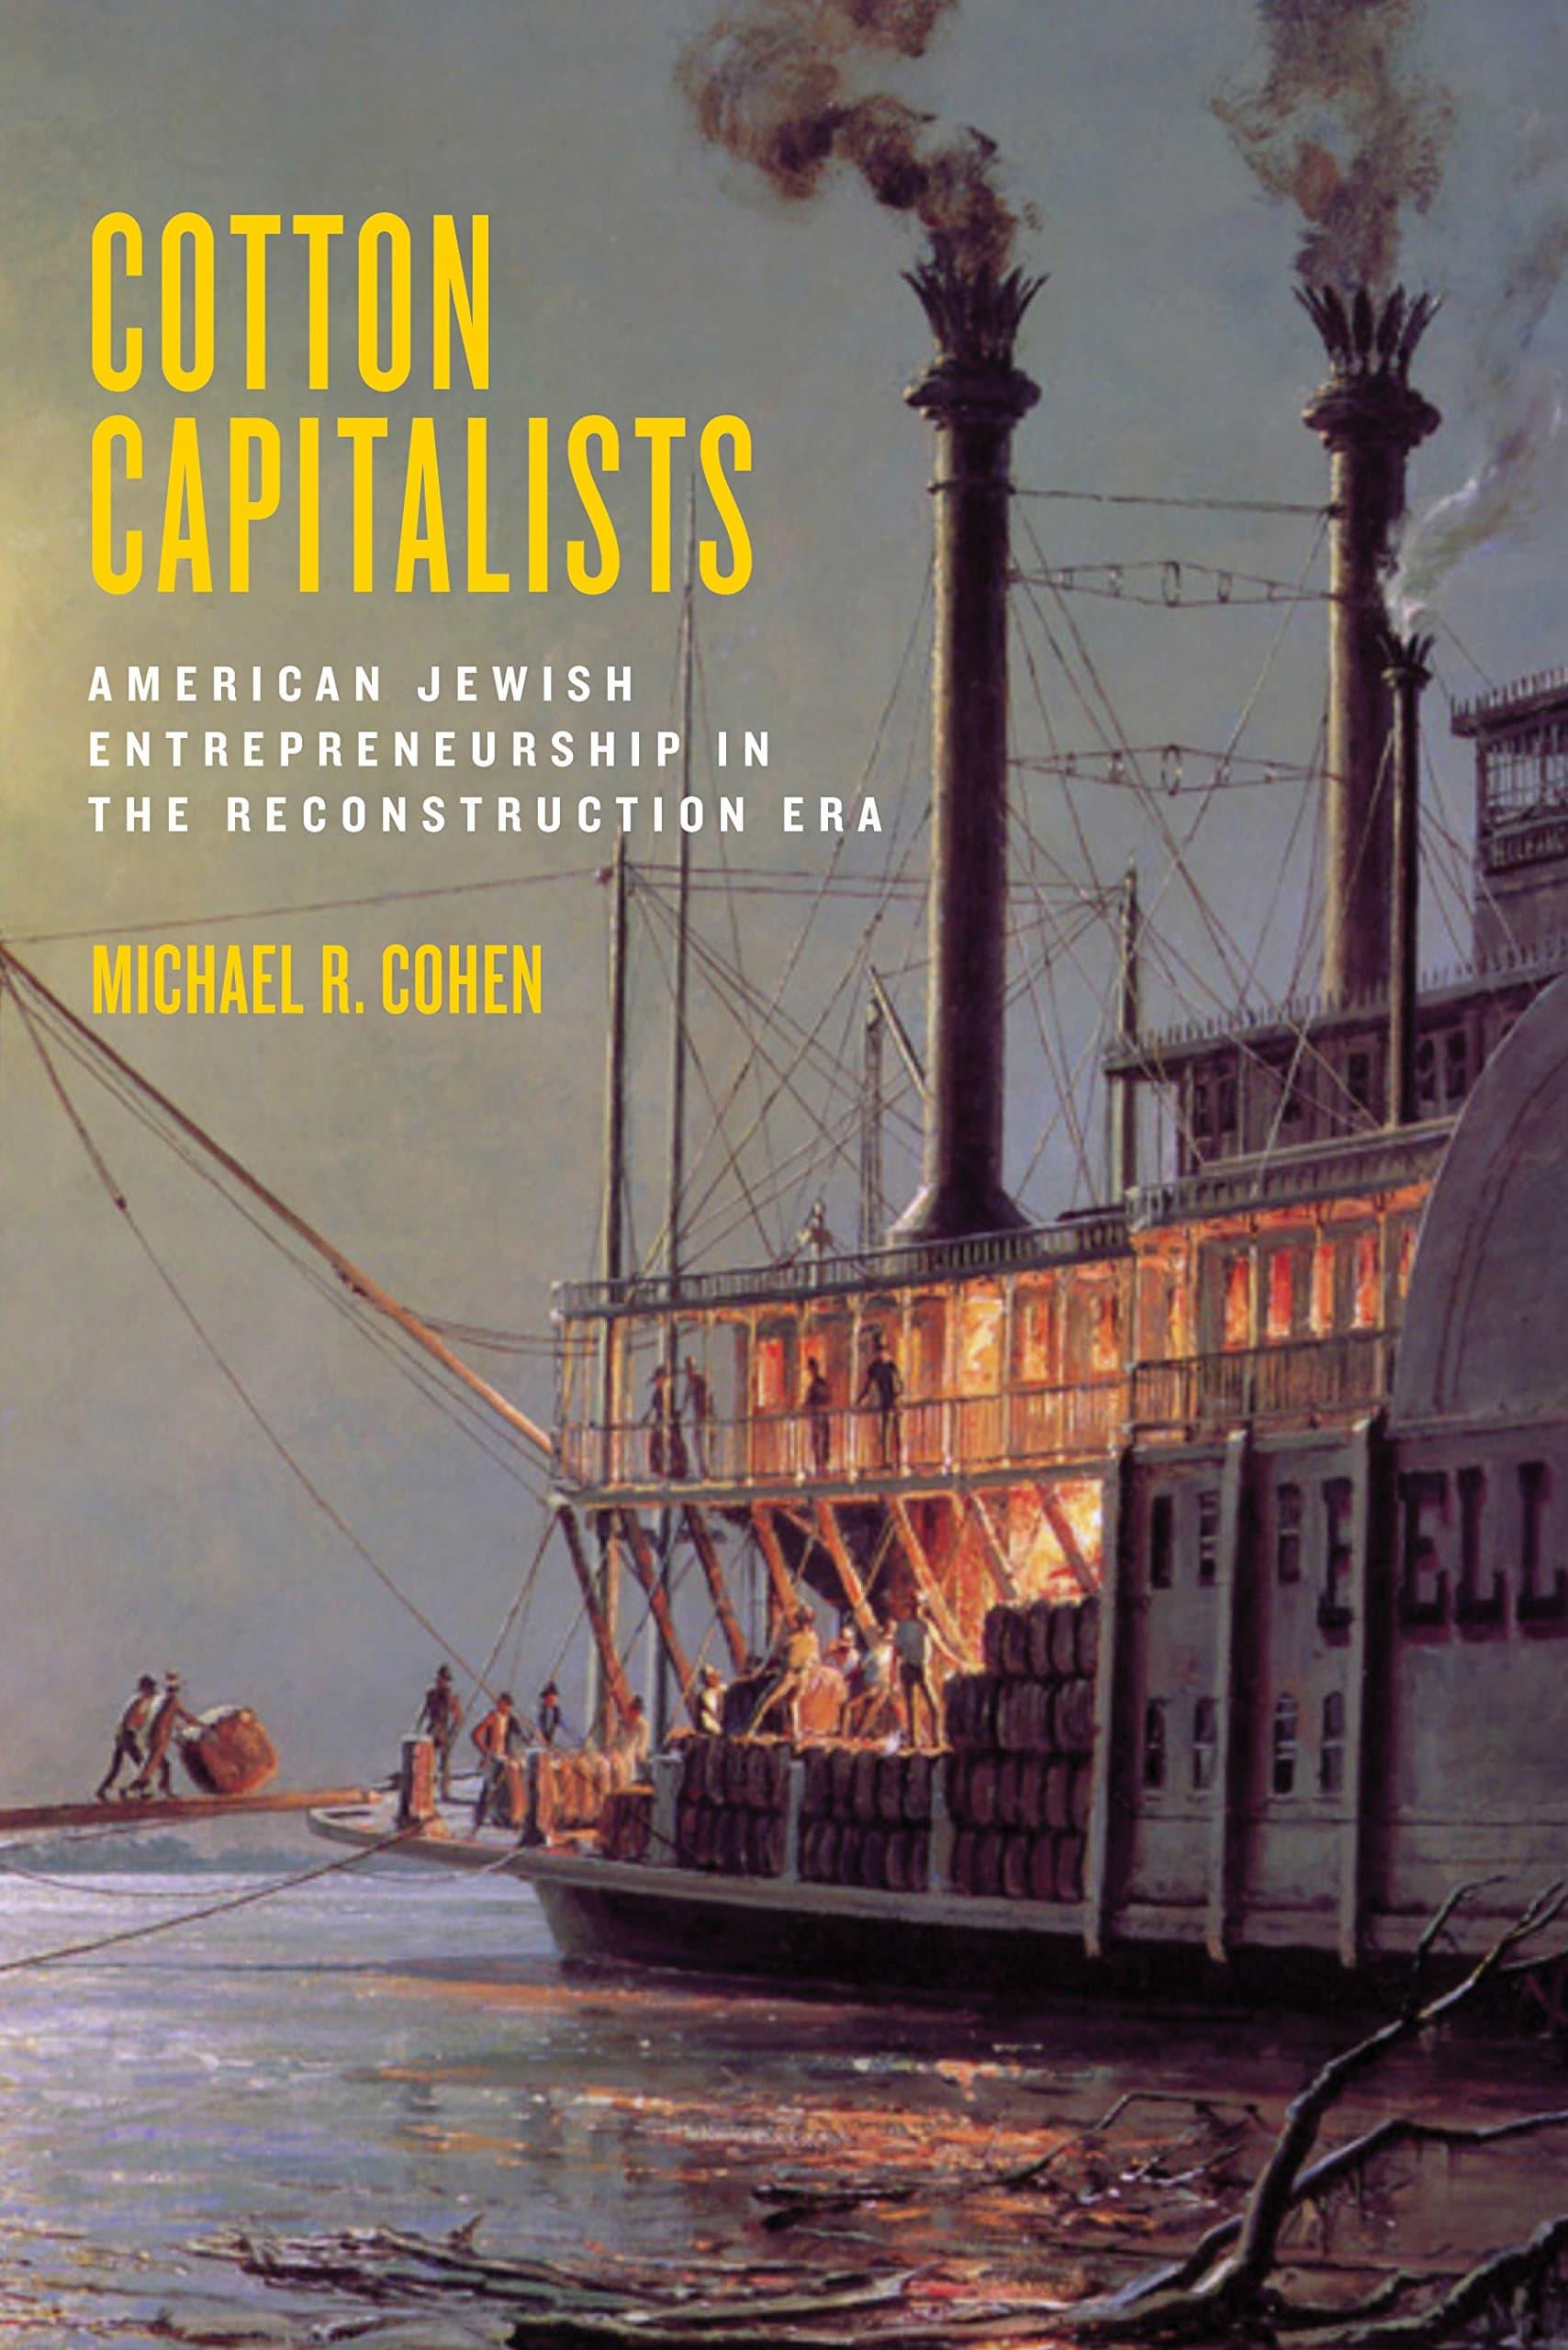 cotton-capitalists-michael-cohen